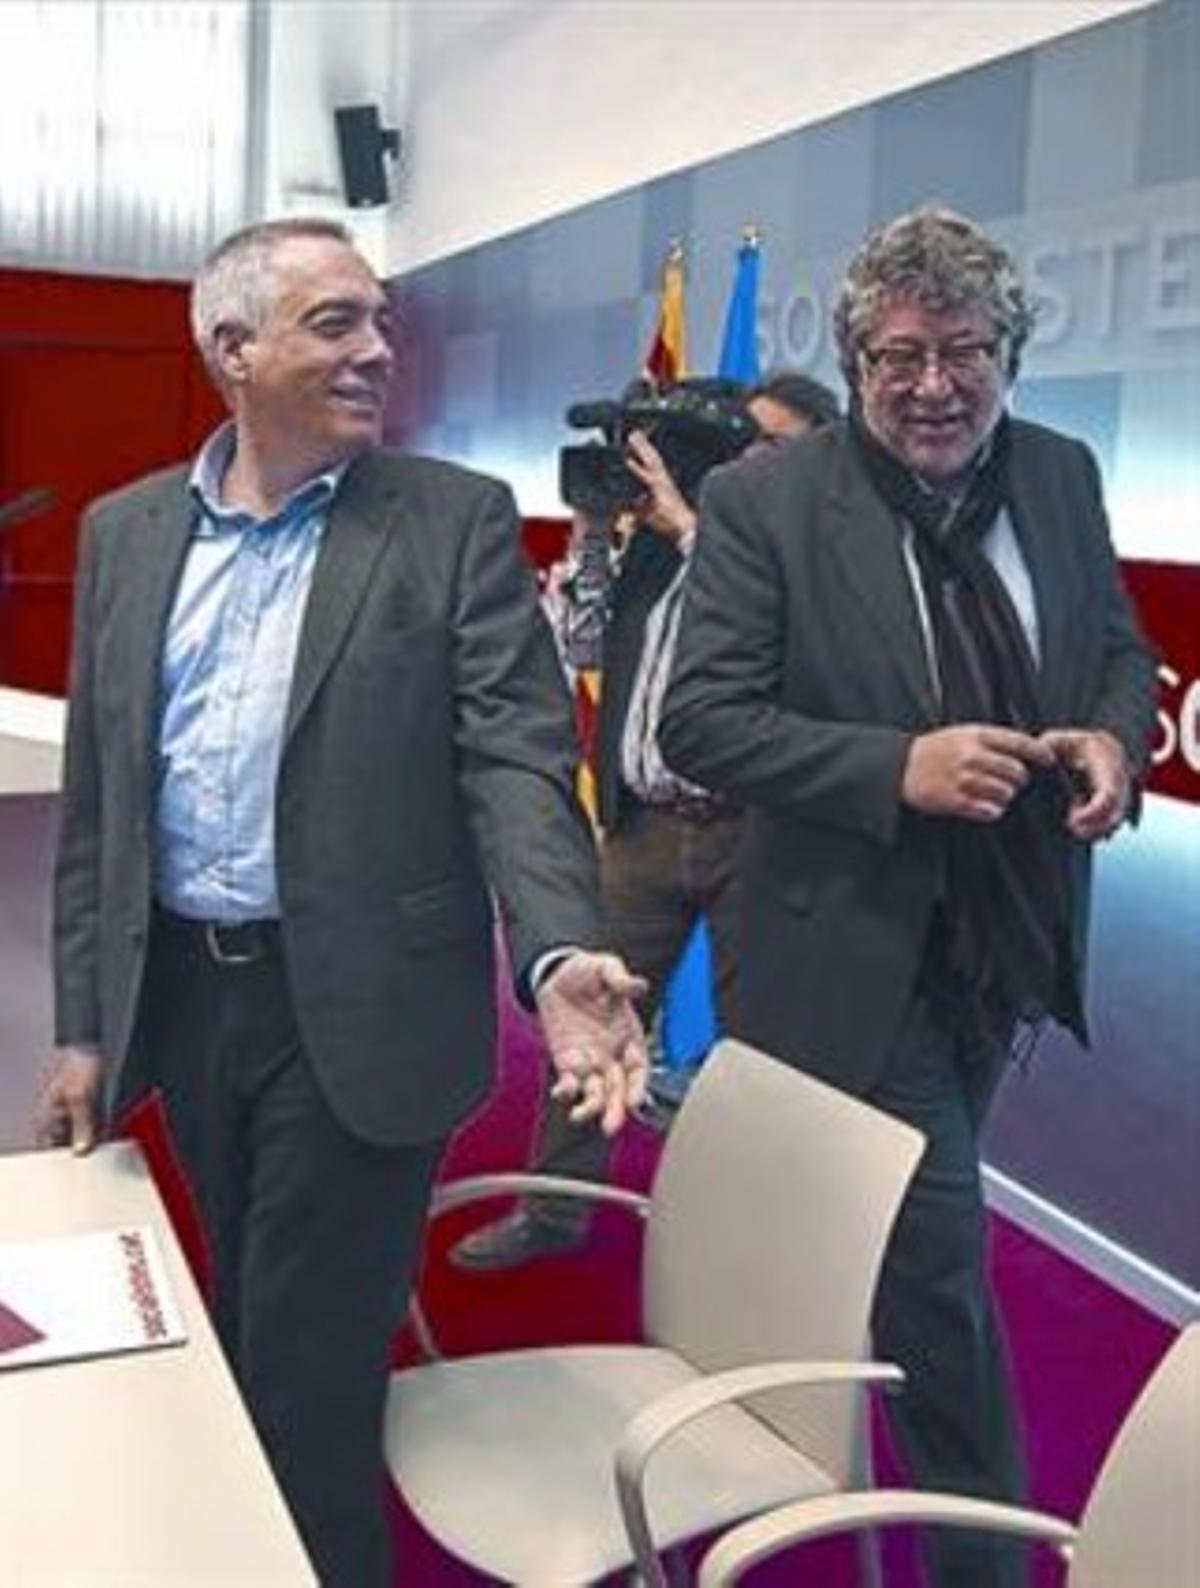 Pere Navarro y Antonio Balmón, en una reunión en la sede del PSC.